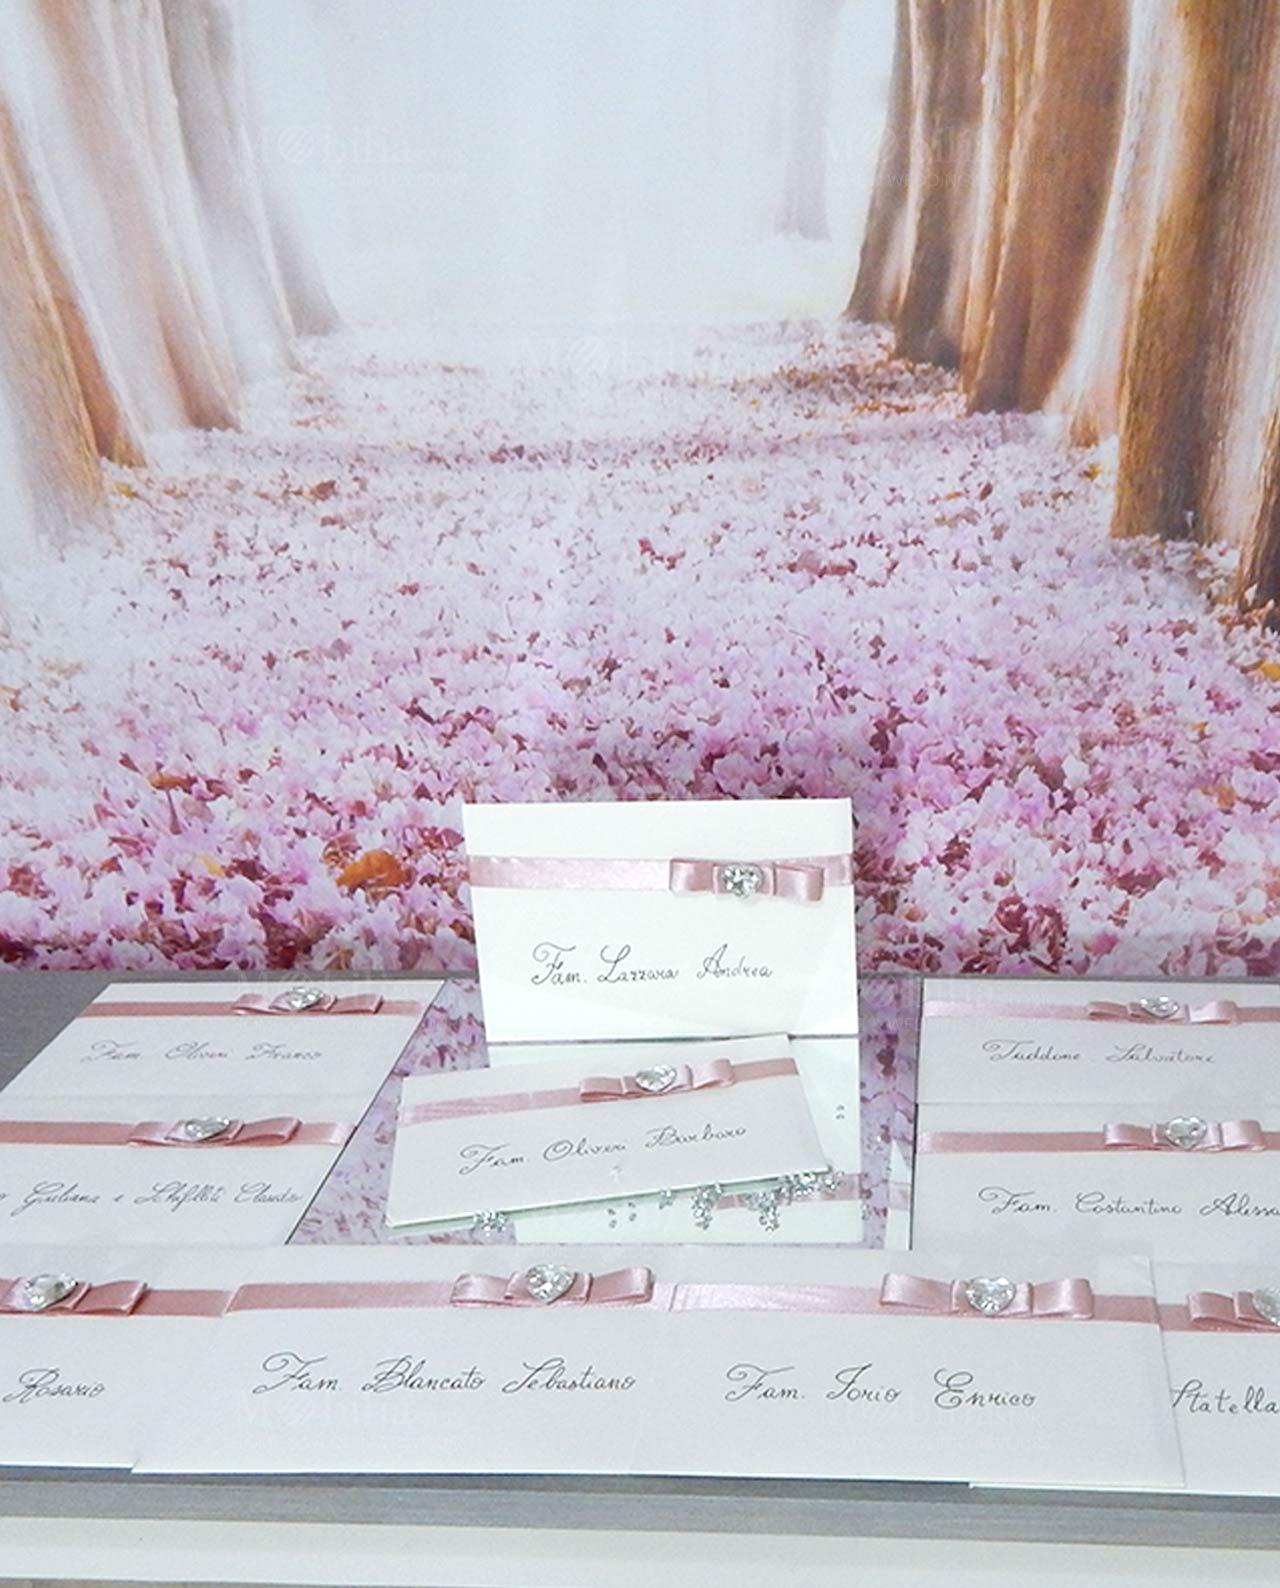 Partecipazioni Matrimonio Con Fiocco.Inviti Partecipazioni Matrimonio Shabby Chic Con Fiocco E Cuore